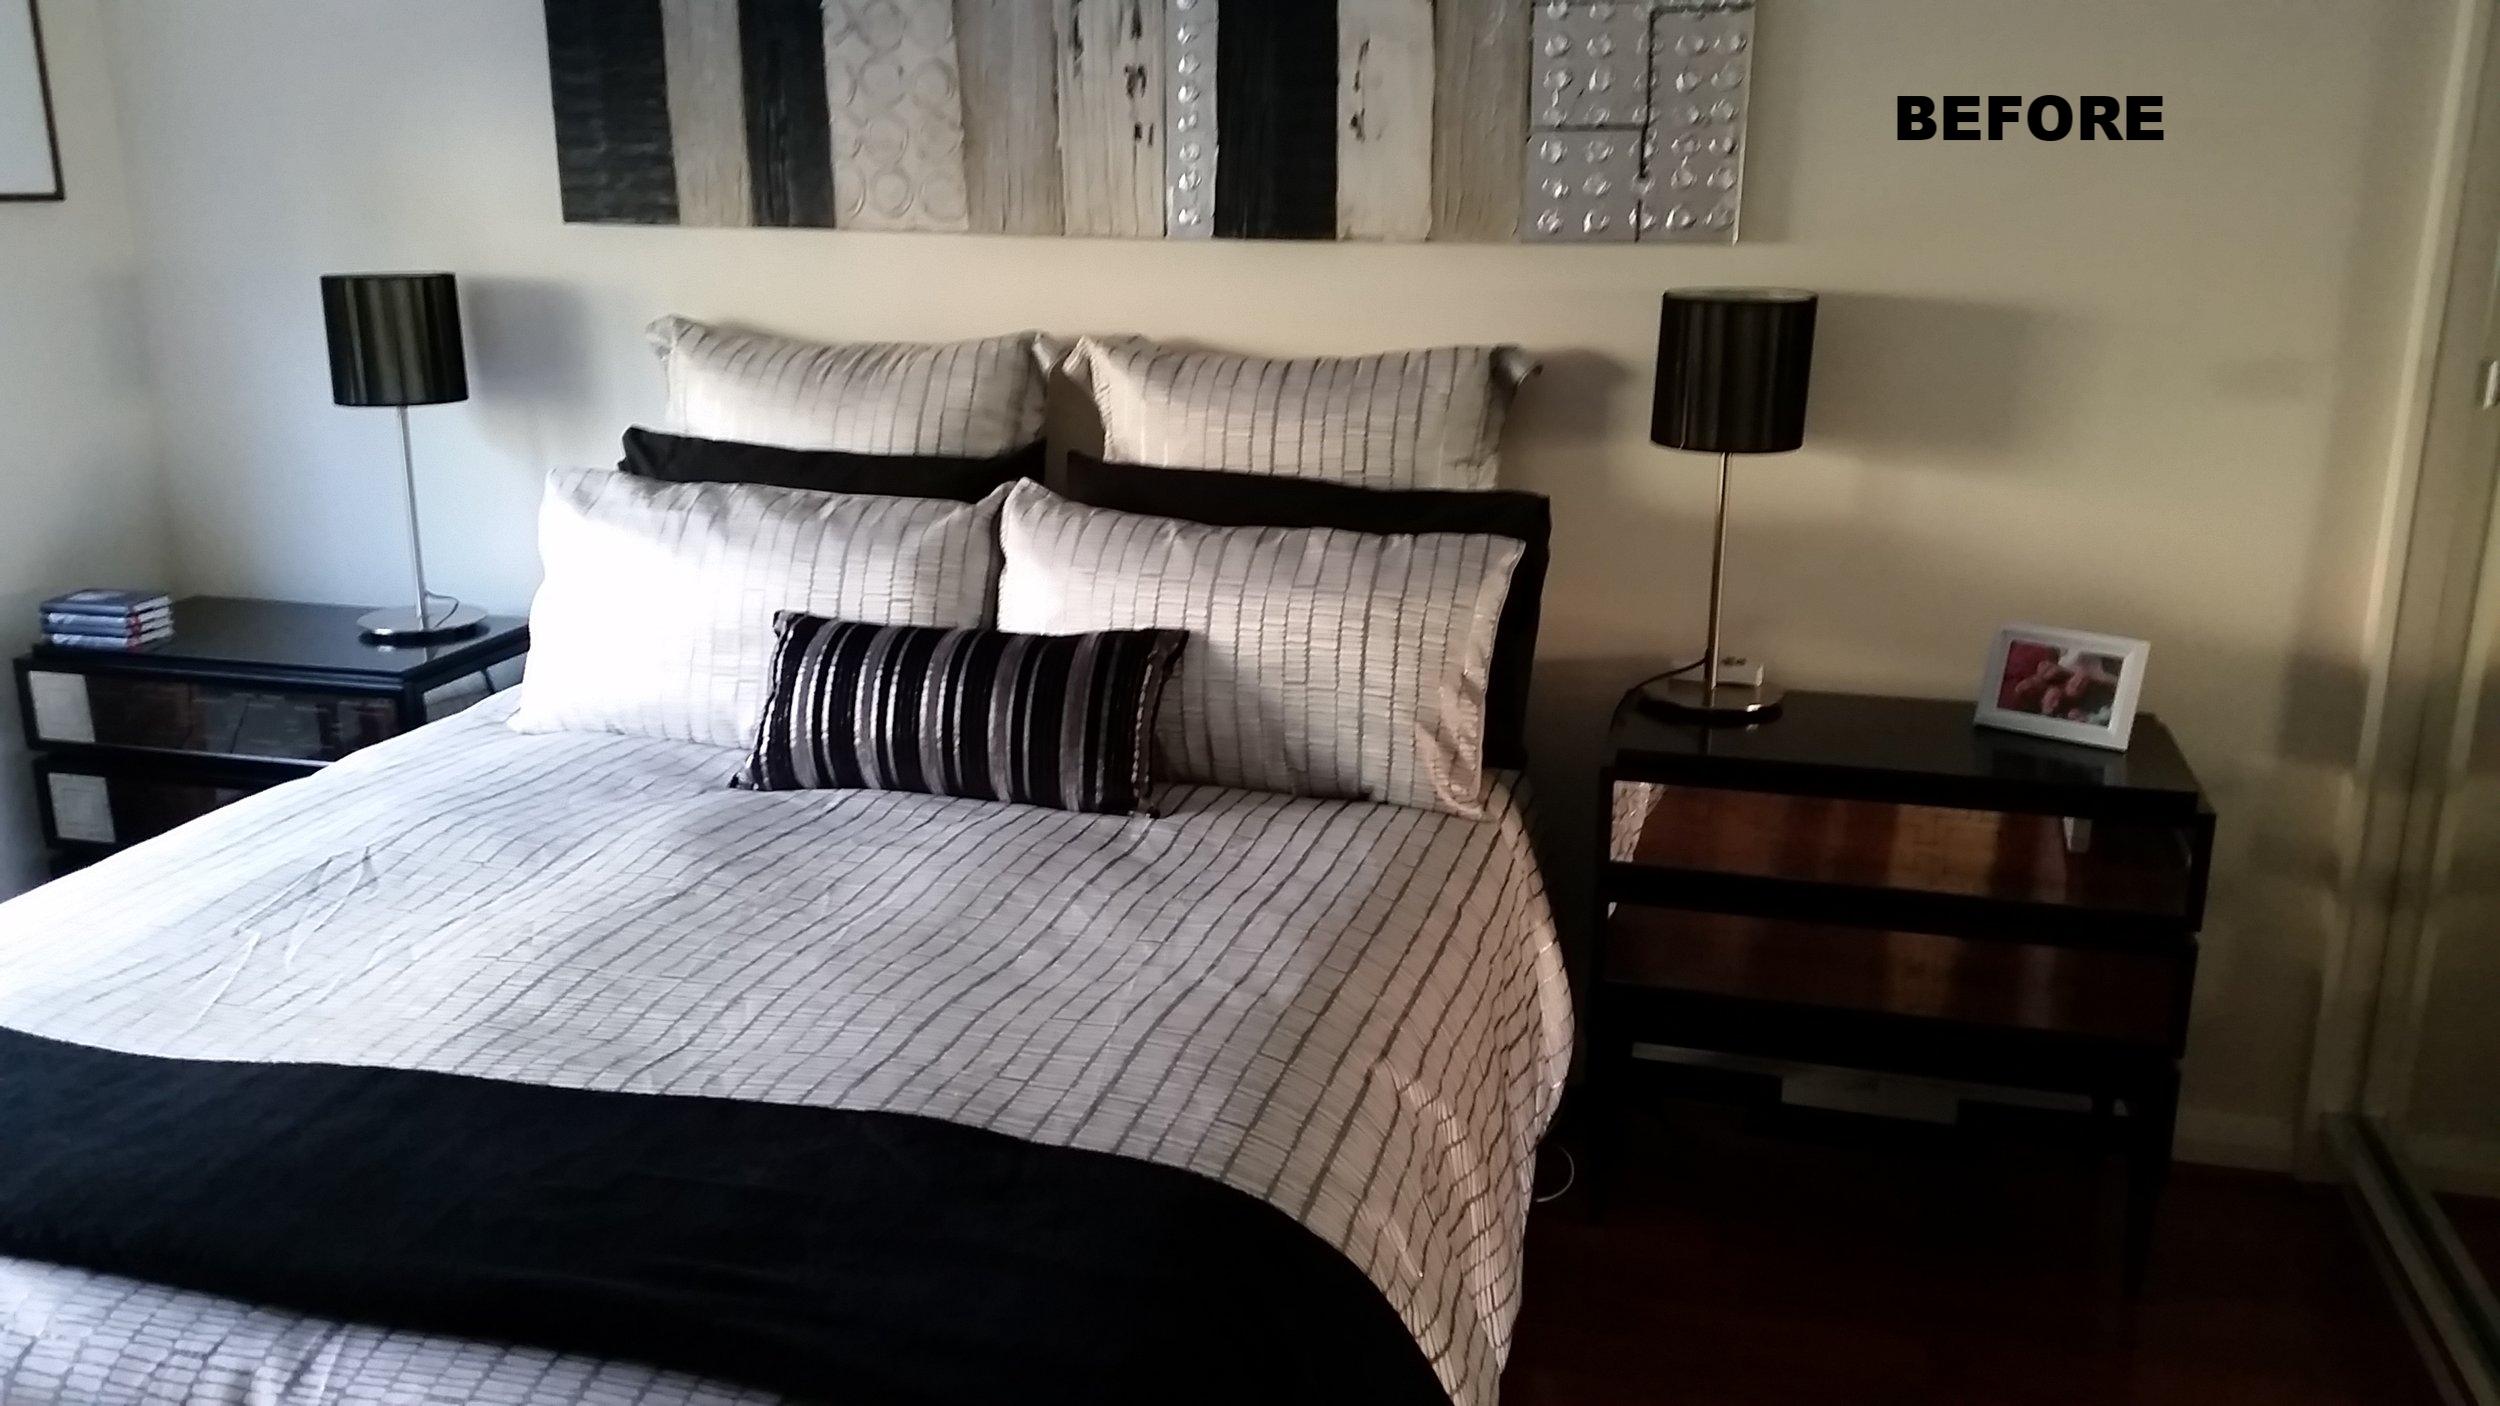 home makeover design ideas interior designer Melbourne